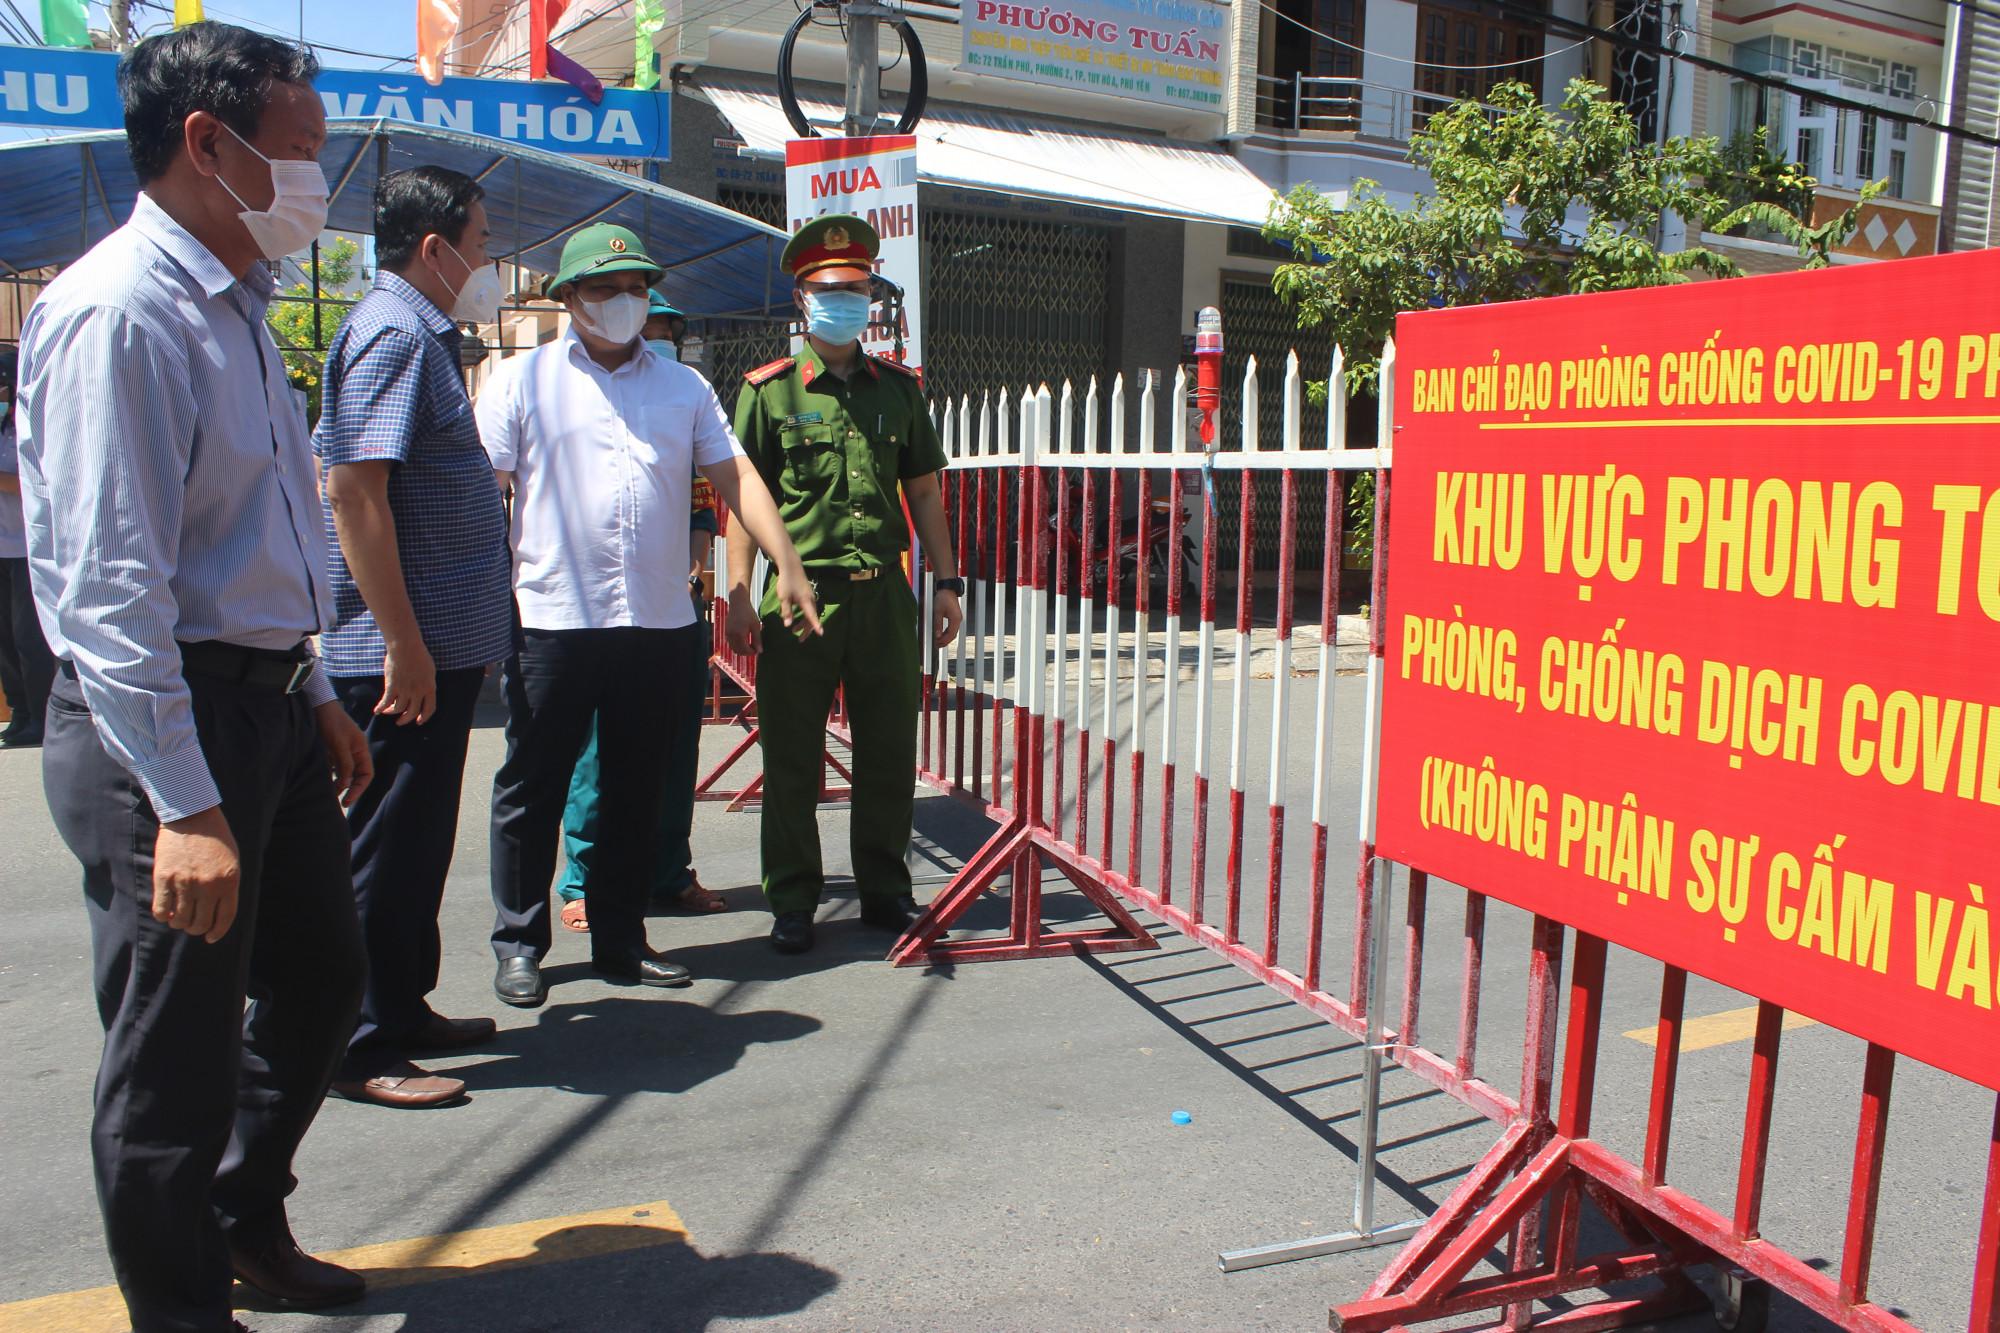 Lãnh đạo tỉnh Phú Yên kiểm tra khu vực bị phong tỏa